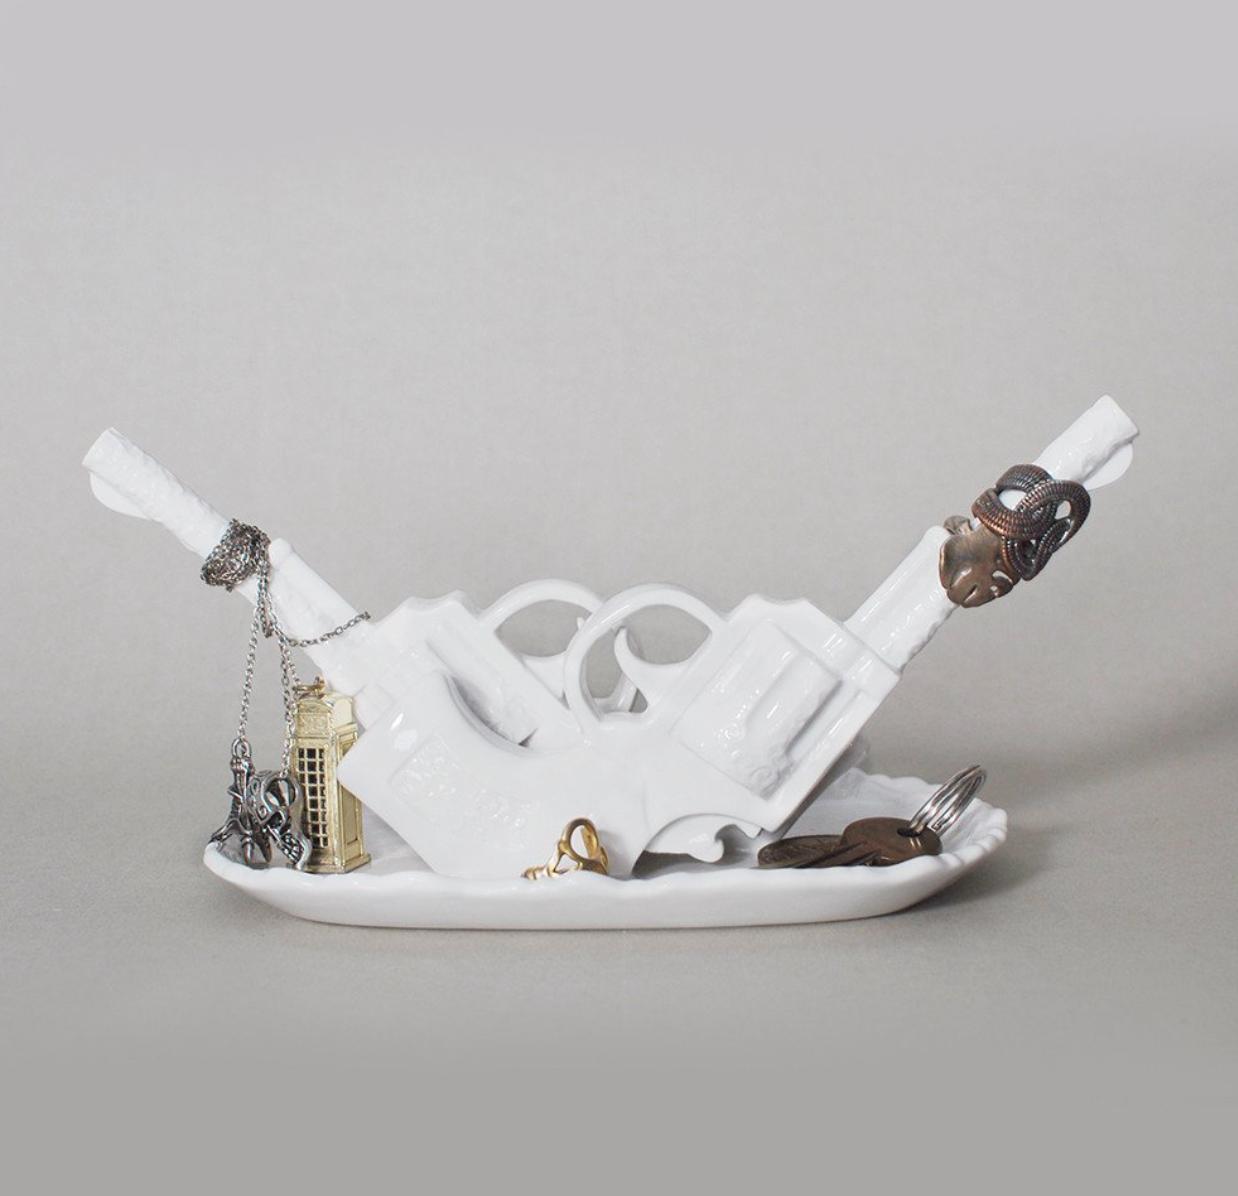 IMM Living, Duello Series Gun Jewelry Holder, $56.65 - Photo Credit: IMM Living